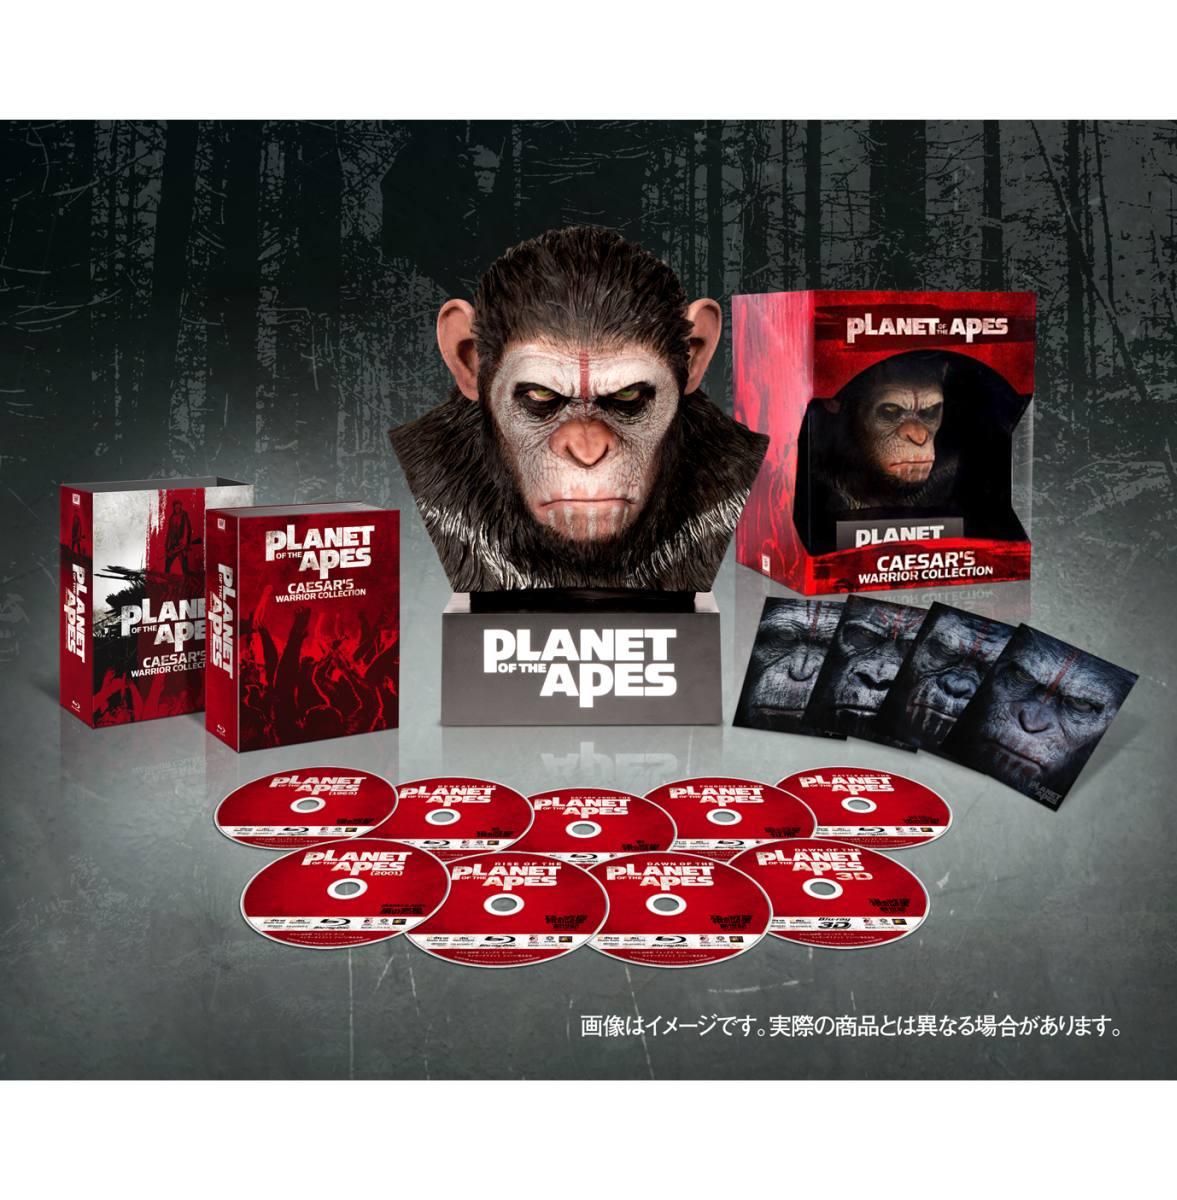 猿の惑星 ブルーレイ・コレクション〈ウォーリアー・シーザー・ヘッド付〉〔700セット数量限定生産〕[FXXA-62965][Blu-ray/ブルーレイ]